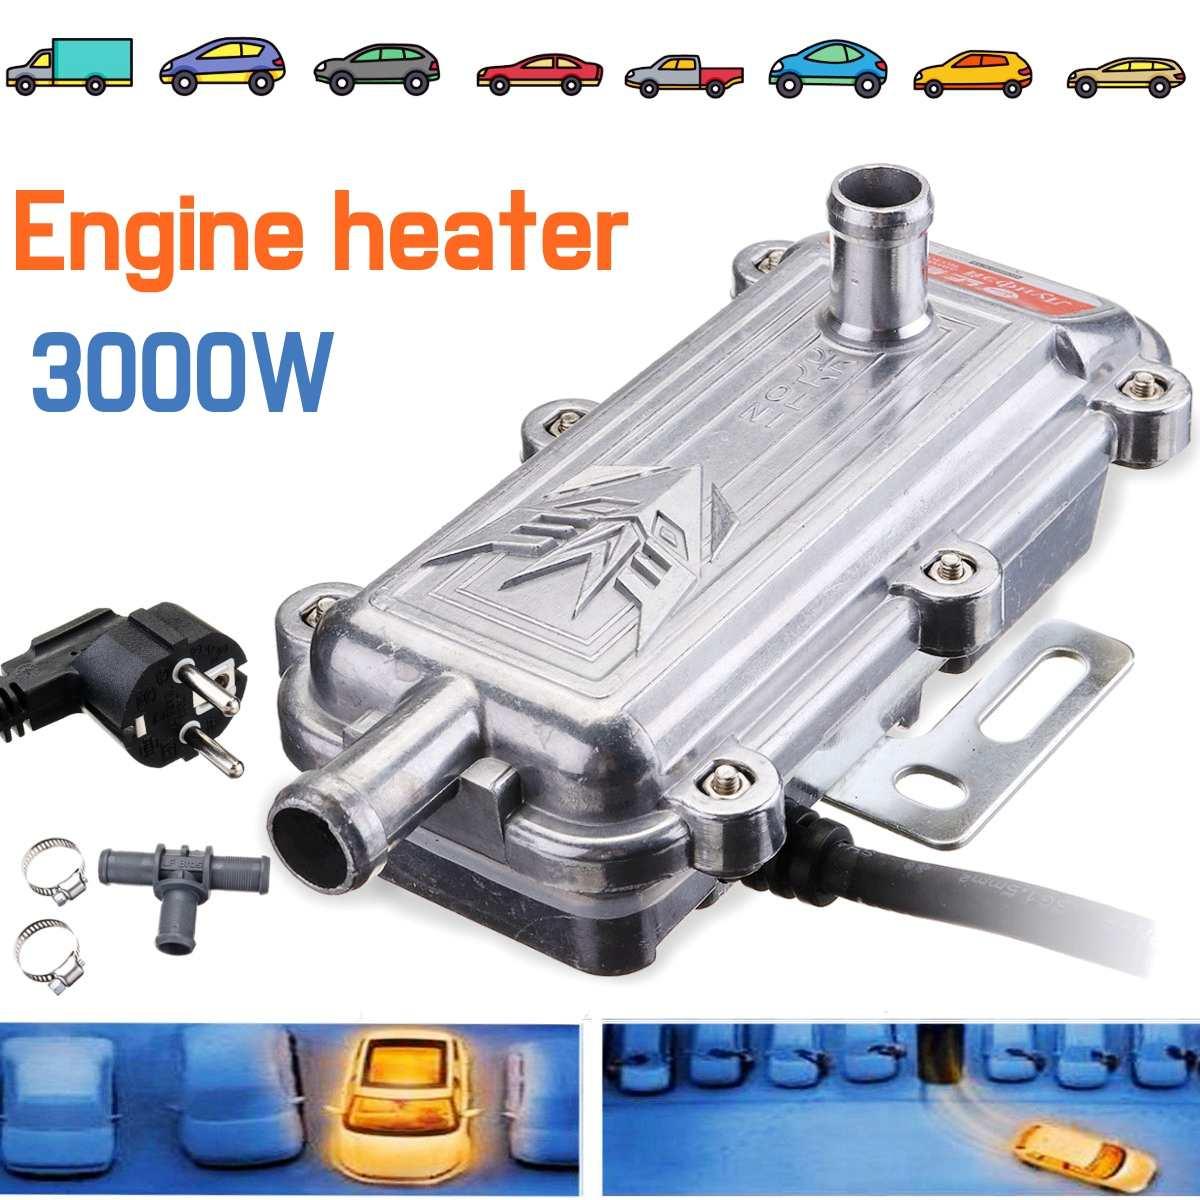 3000 W voiture moteur liquide de refroidissement chauffage préchauffeur pas W ebasto Eberspacher moteur chauffage préchauffage Air Parking chauffage